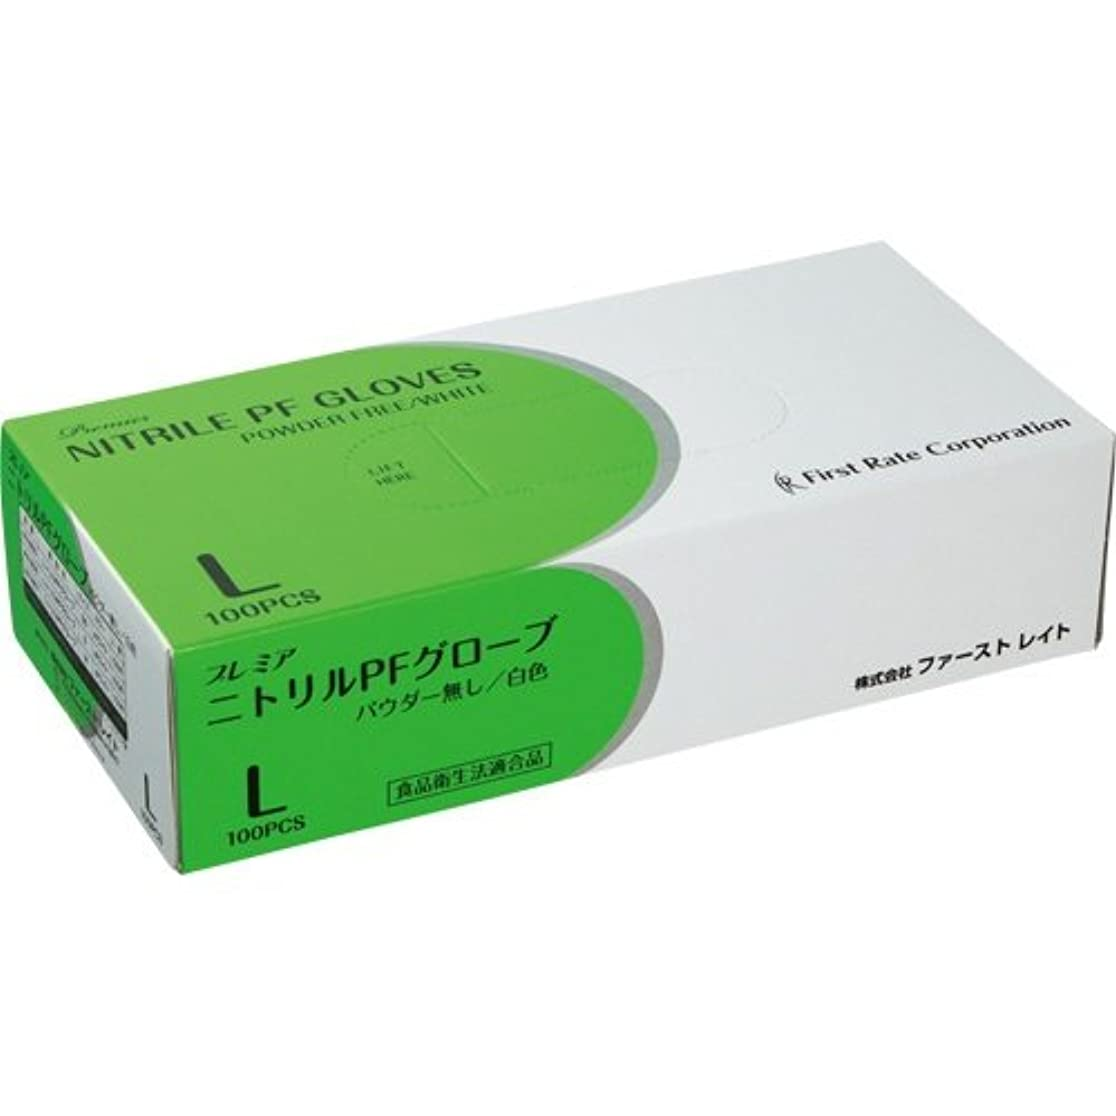 神経ライブペースファーストレイト プレミアニトリルPFグローブ パウダーフリー ホワイト L FR-858 1セット(1000枚:100枚×10箱)